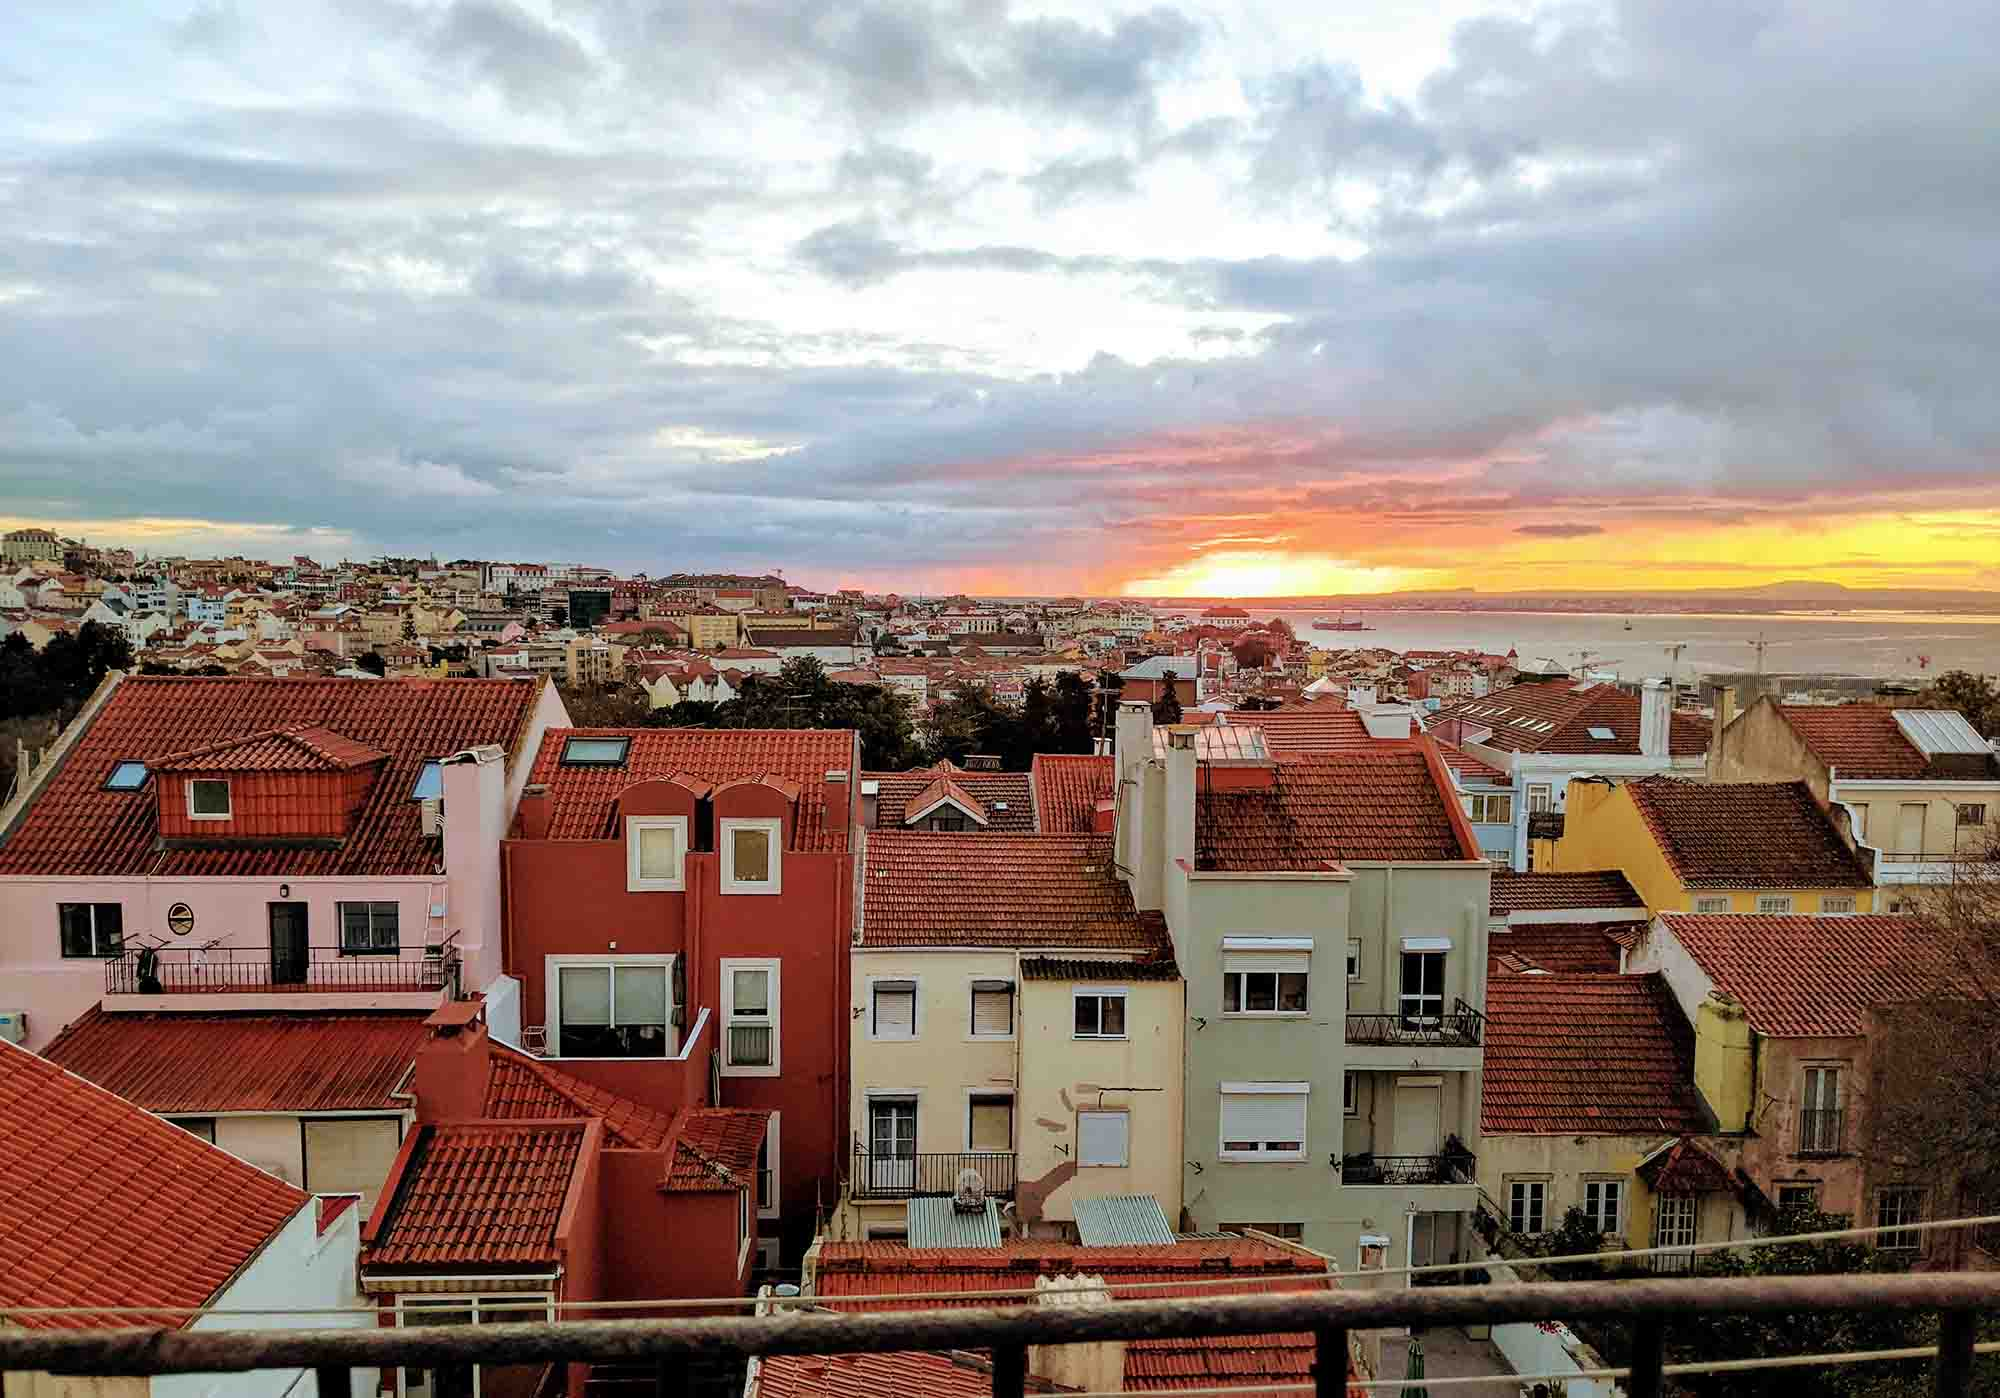 Sunrise over Lisbon, taken from balcony